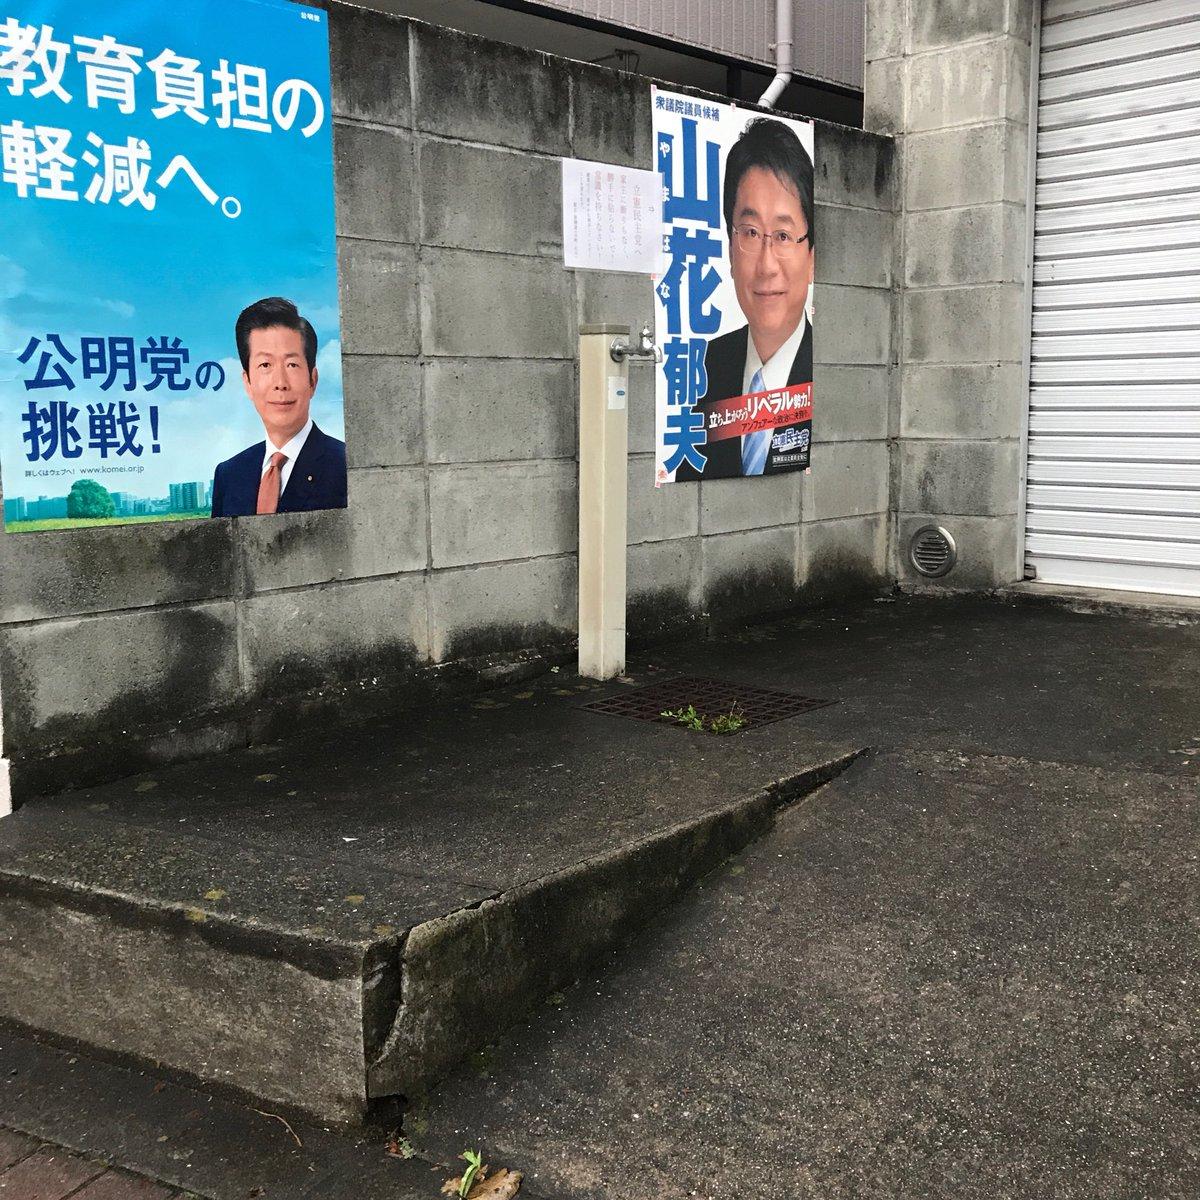 許せません‼️ 狛江市議会議員の石川和広です。 本日、信じられないことになんと、我が家(家族所有)の敷地の壁に、あの「立憲民主党」が勝手にポスターを貼っていきました‼️ 衆院選の活動の途中で自宅によったところ、びっくりです❗️どこまで常識が無いのか⁉️きちんとけじめをつけてよ❗️